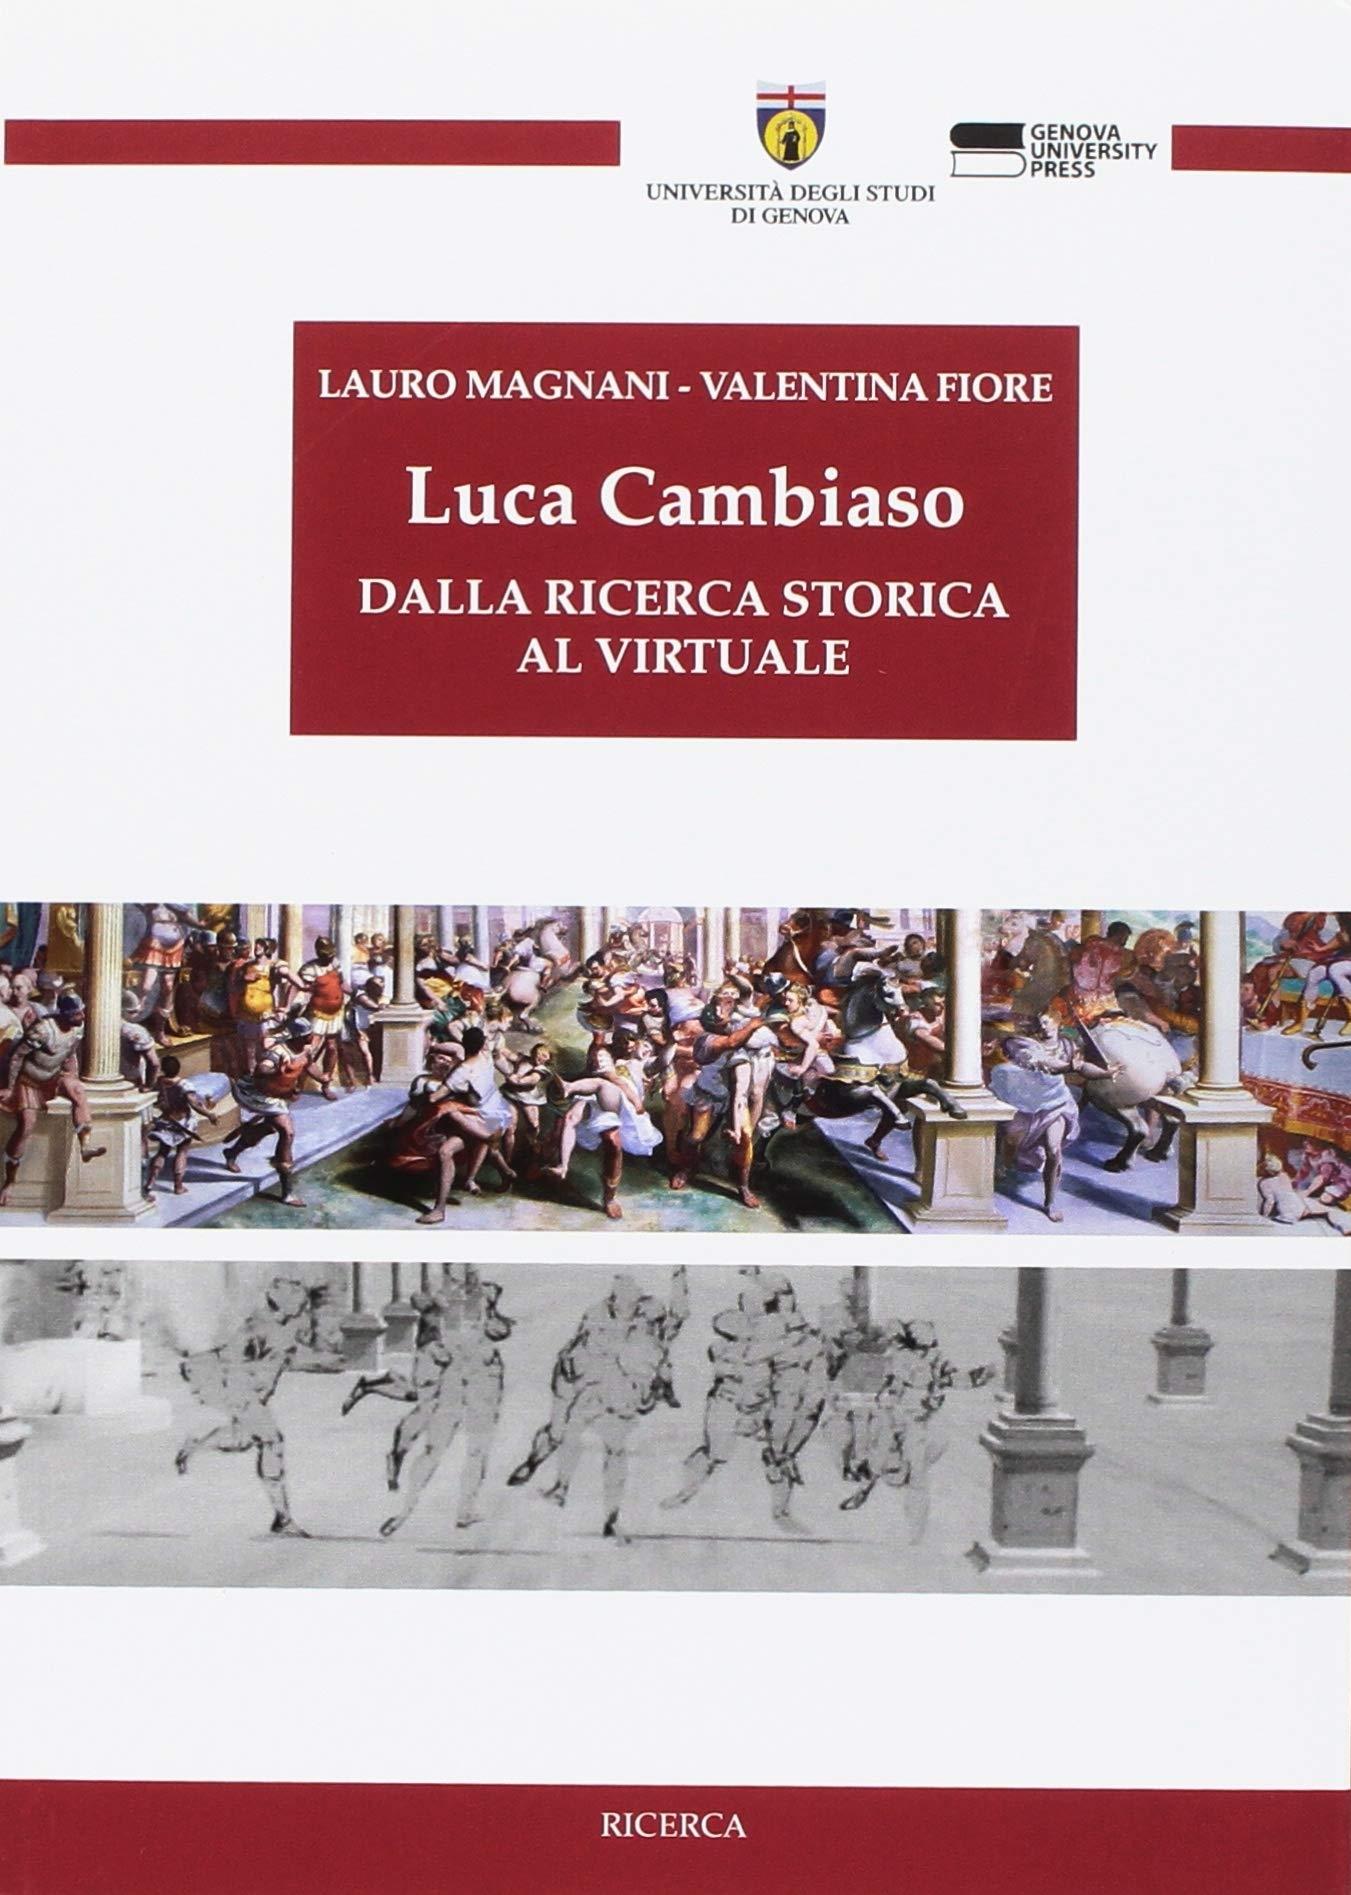 Luca Cambiaso. Dalla Ricerca Storica al Virtuale. [Con CD-ROM].